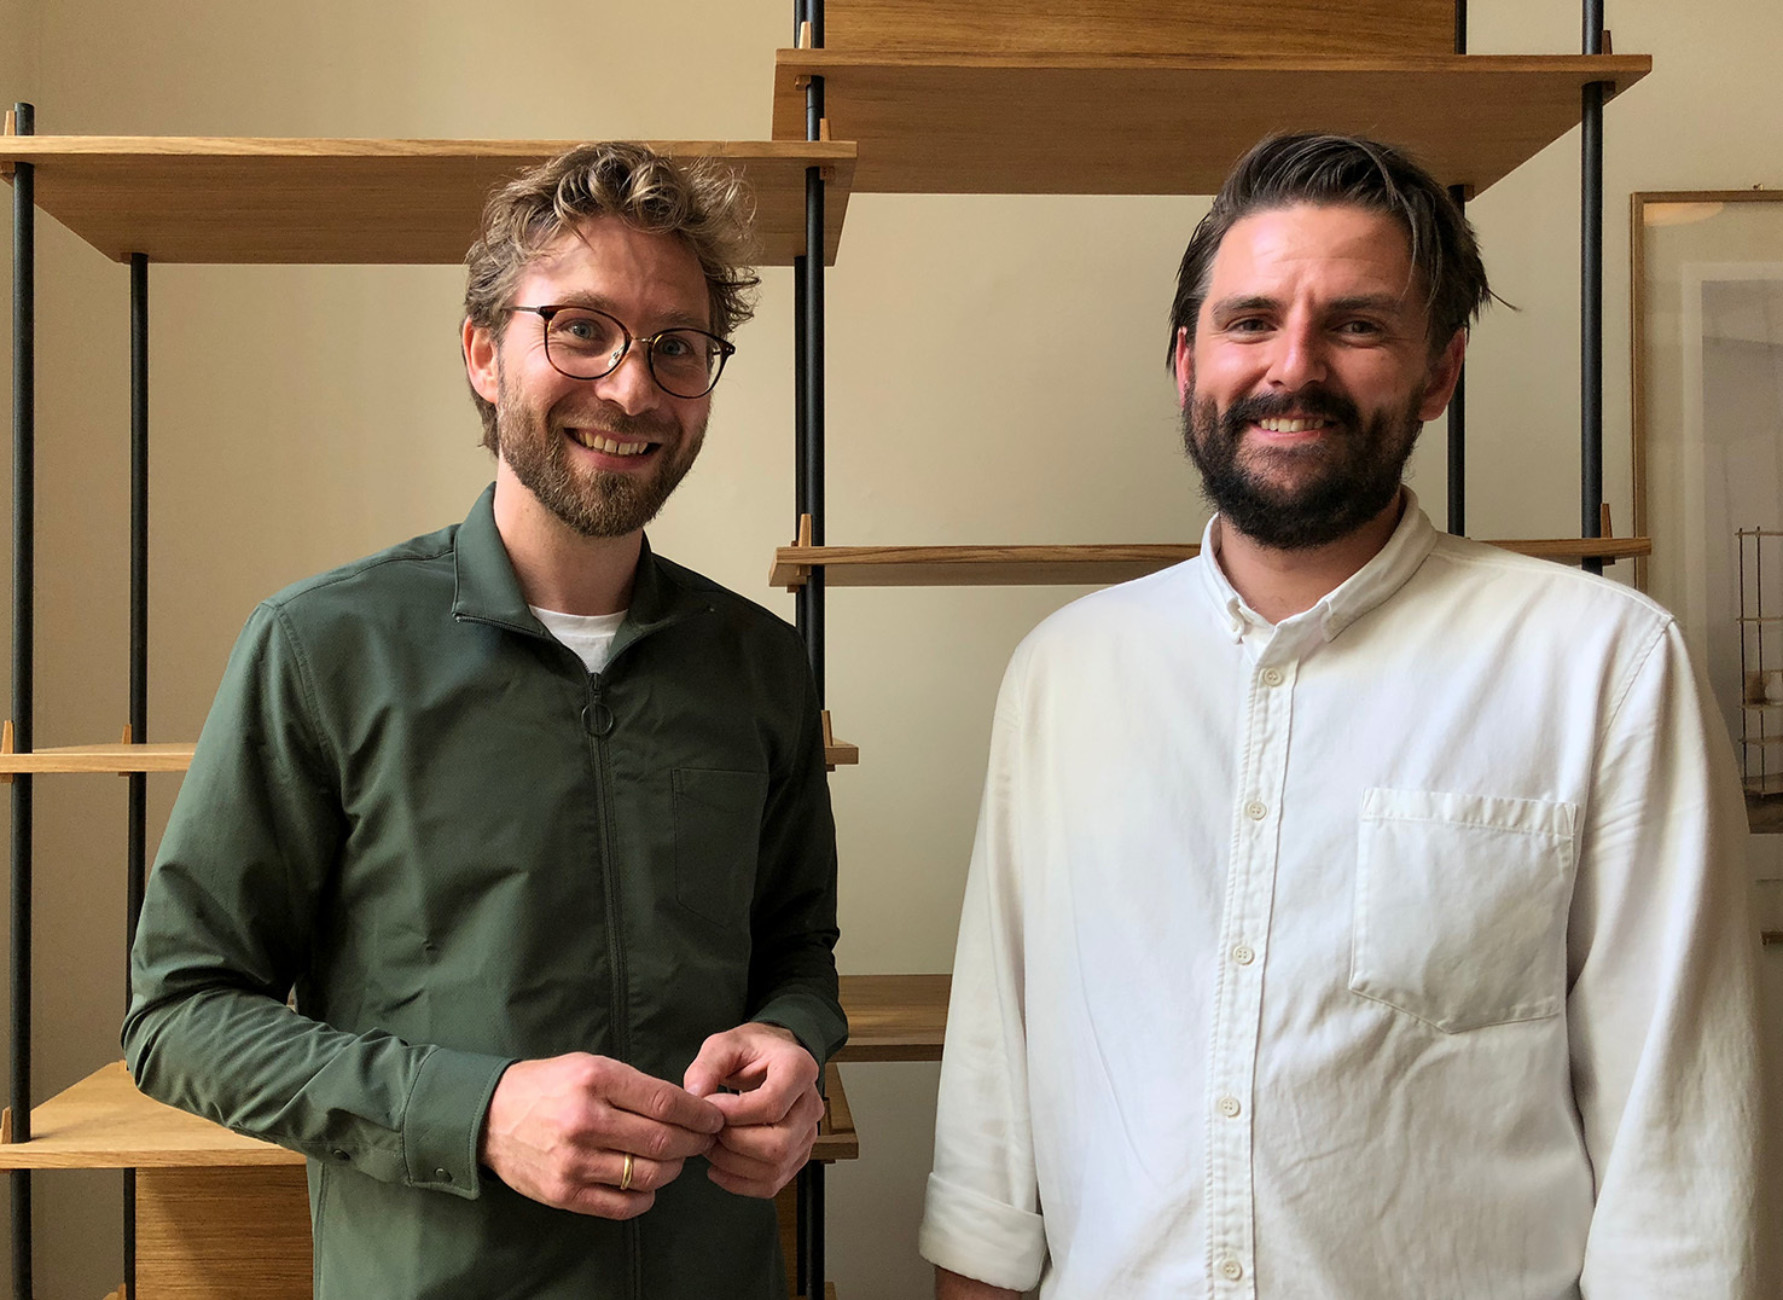 Anders Thams and Nicholas Oldroyd of Moebe